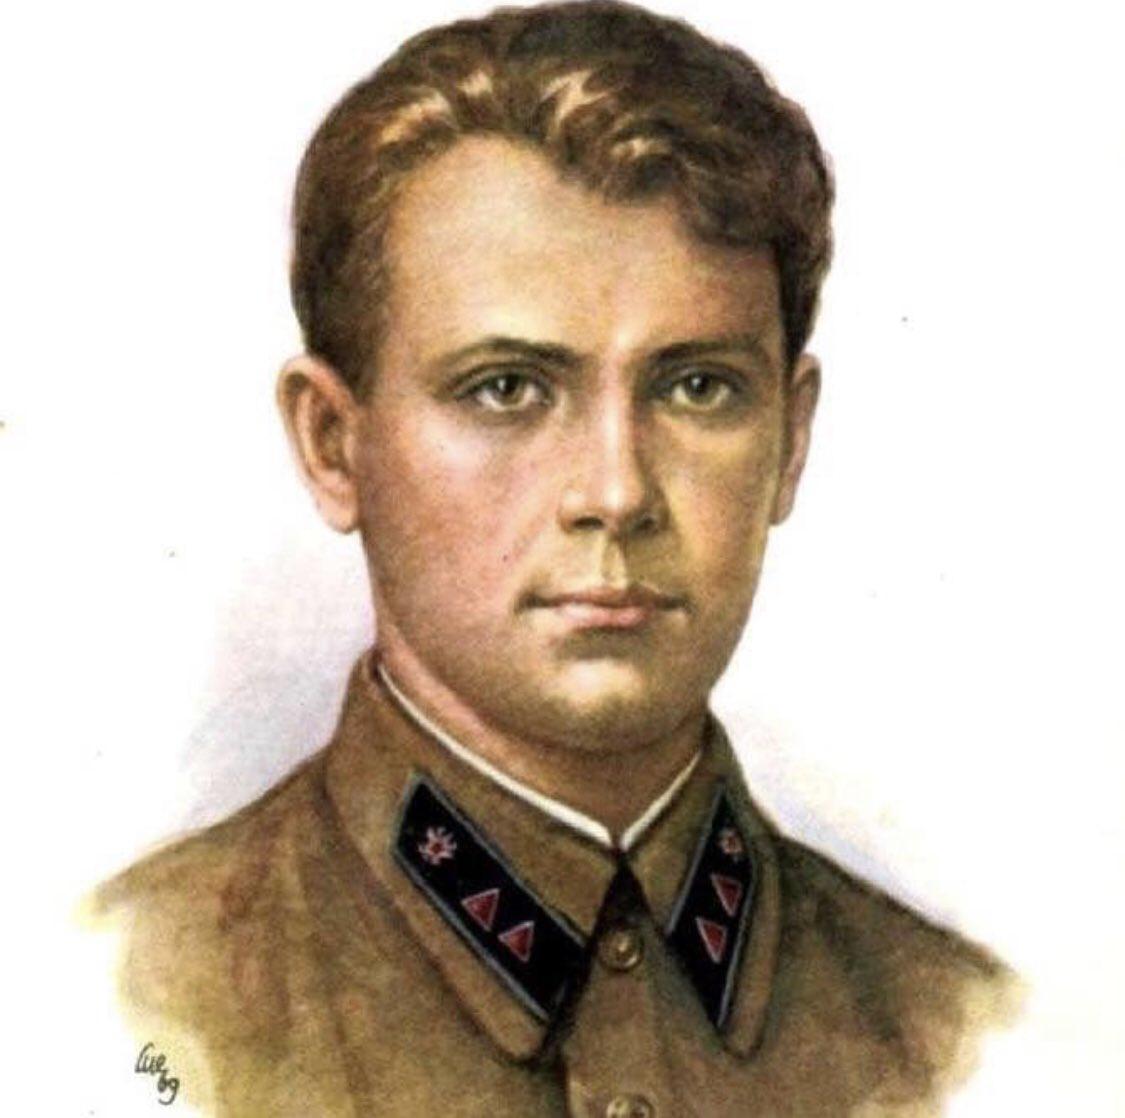 Картинки герои великой отечественной войны 1941-1945, поздравления свекрови днем